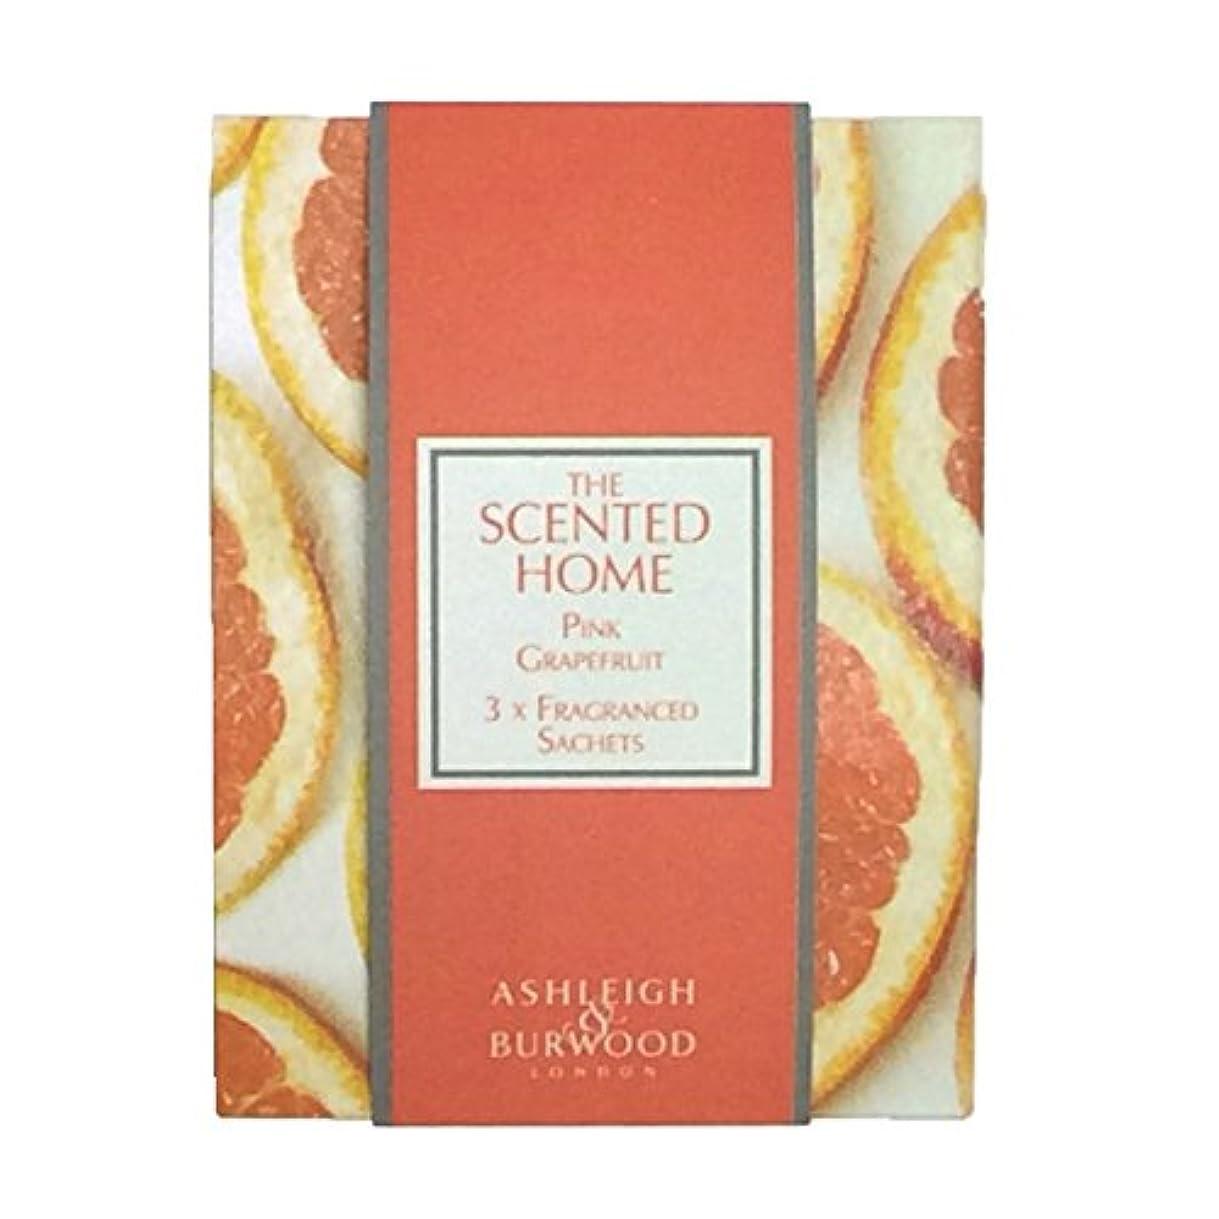 フロンティア恒久的耐えられるAshleigh&Burwood サシェ×3個 ピンクグレープフルーツ Sachet×3 Pink Grapefruit アシュレイ&バーウッド